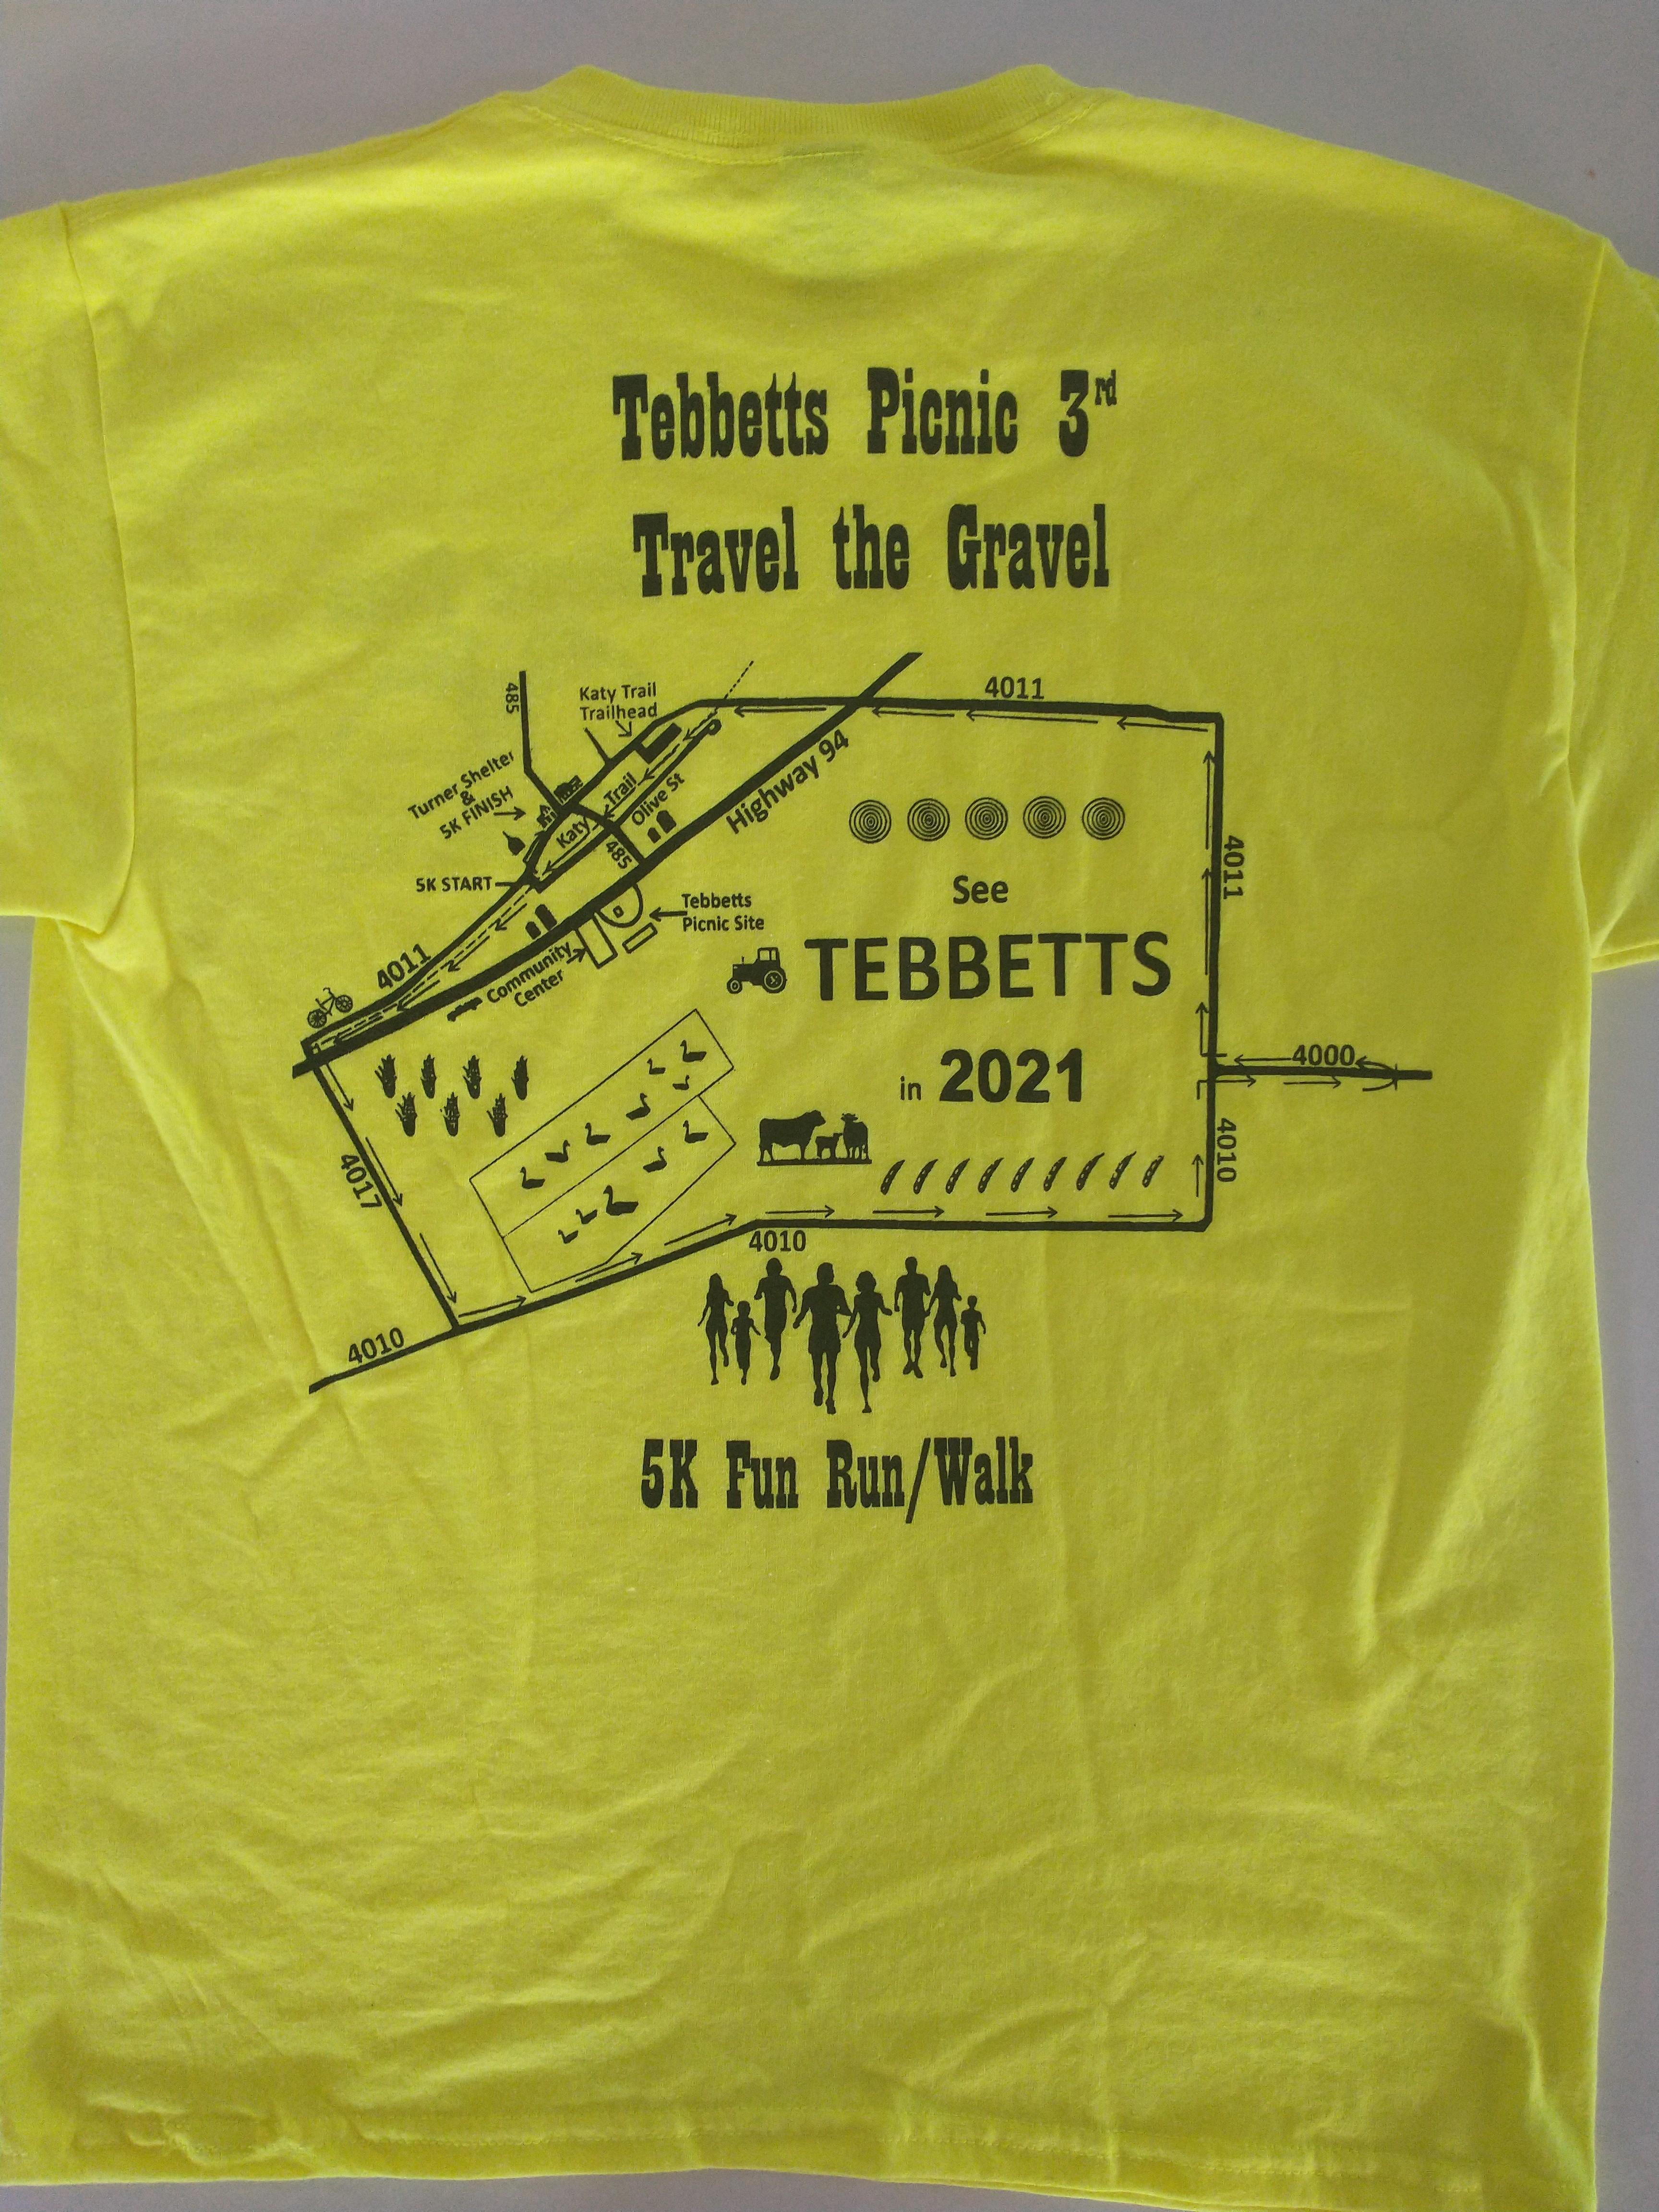 Tebbetts Picnic 5k shirt 2021 - back